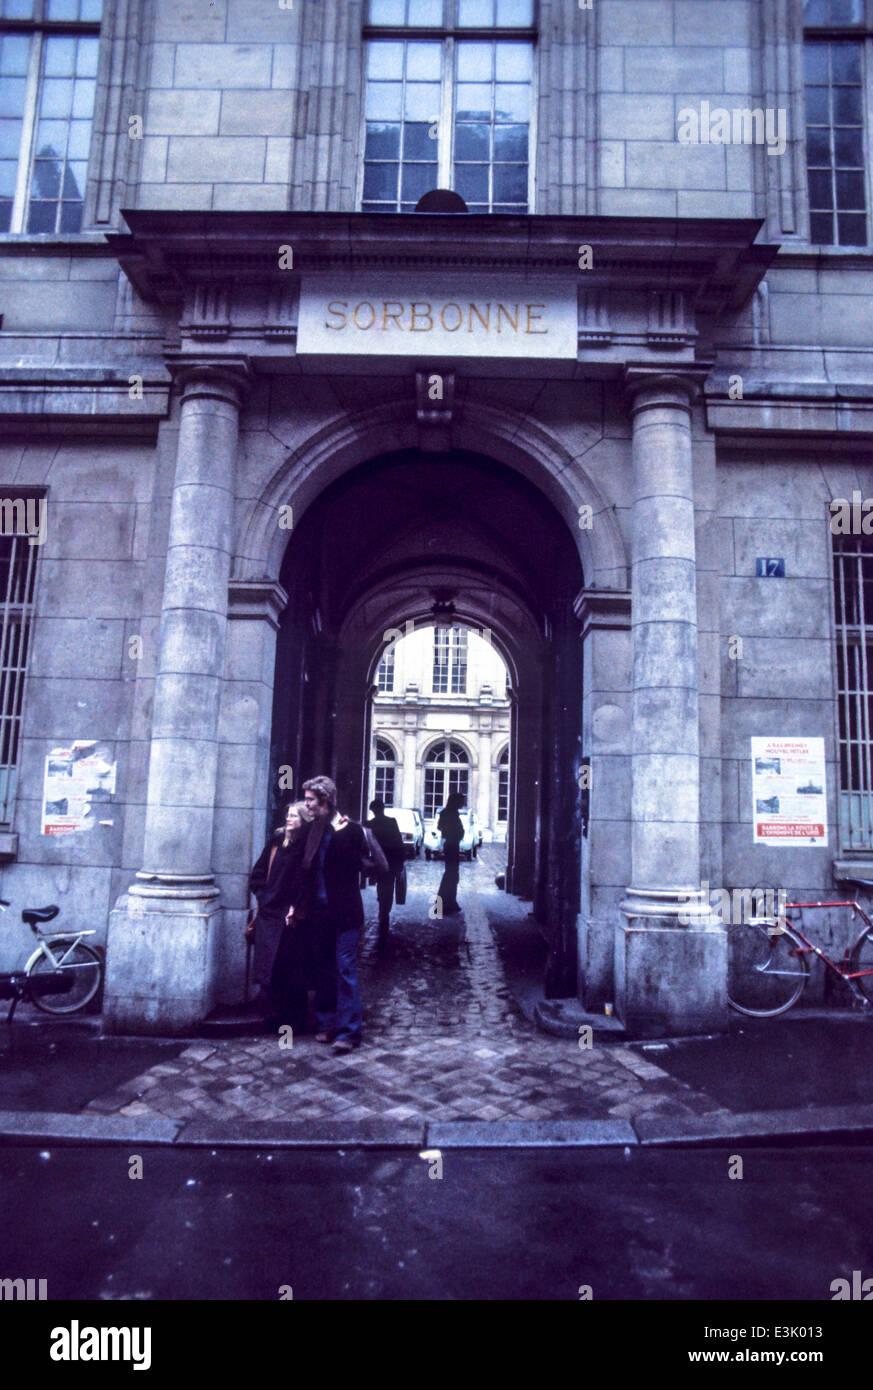 sorbonne university,paris,france,70's - Stock Image